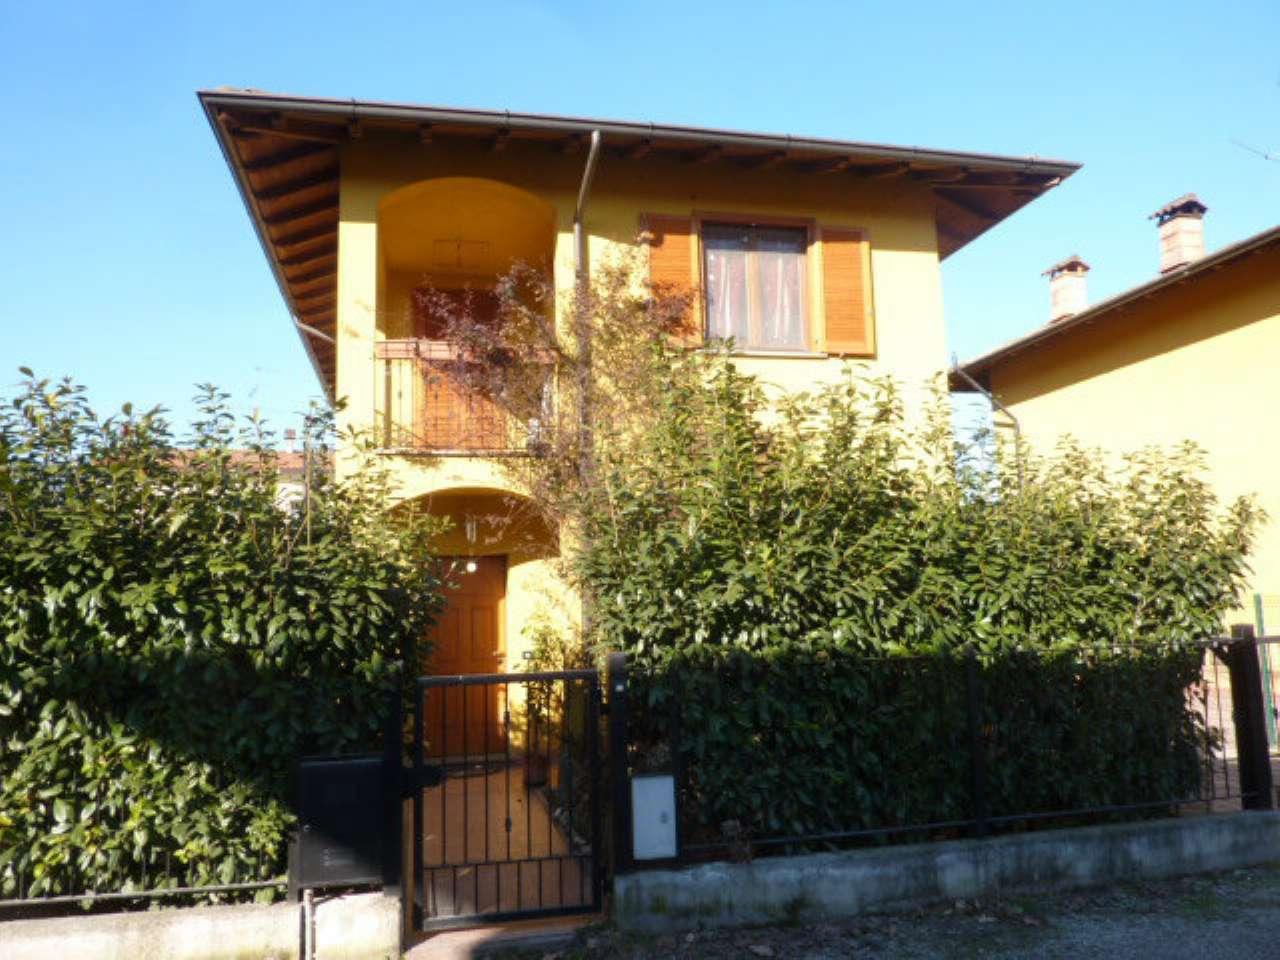 Villa in vendita a Vigevano, 5 locali, prezzo € 195.000 | Cambio Casa.it